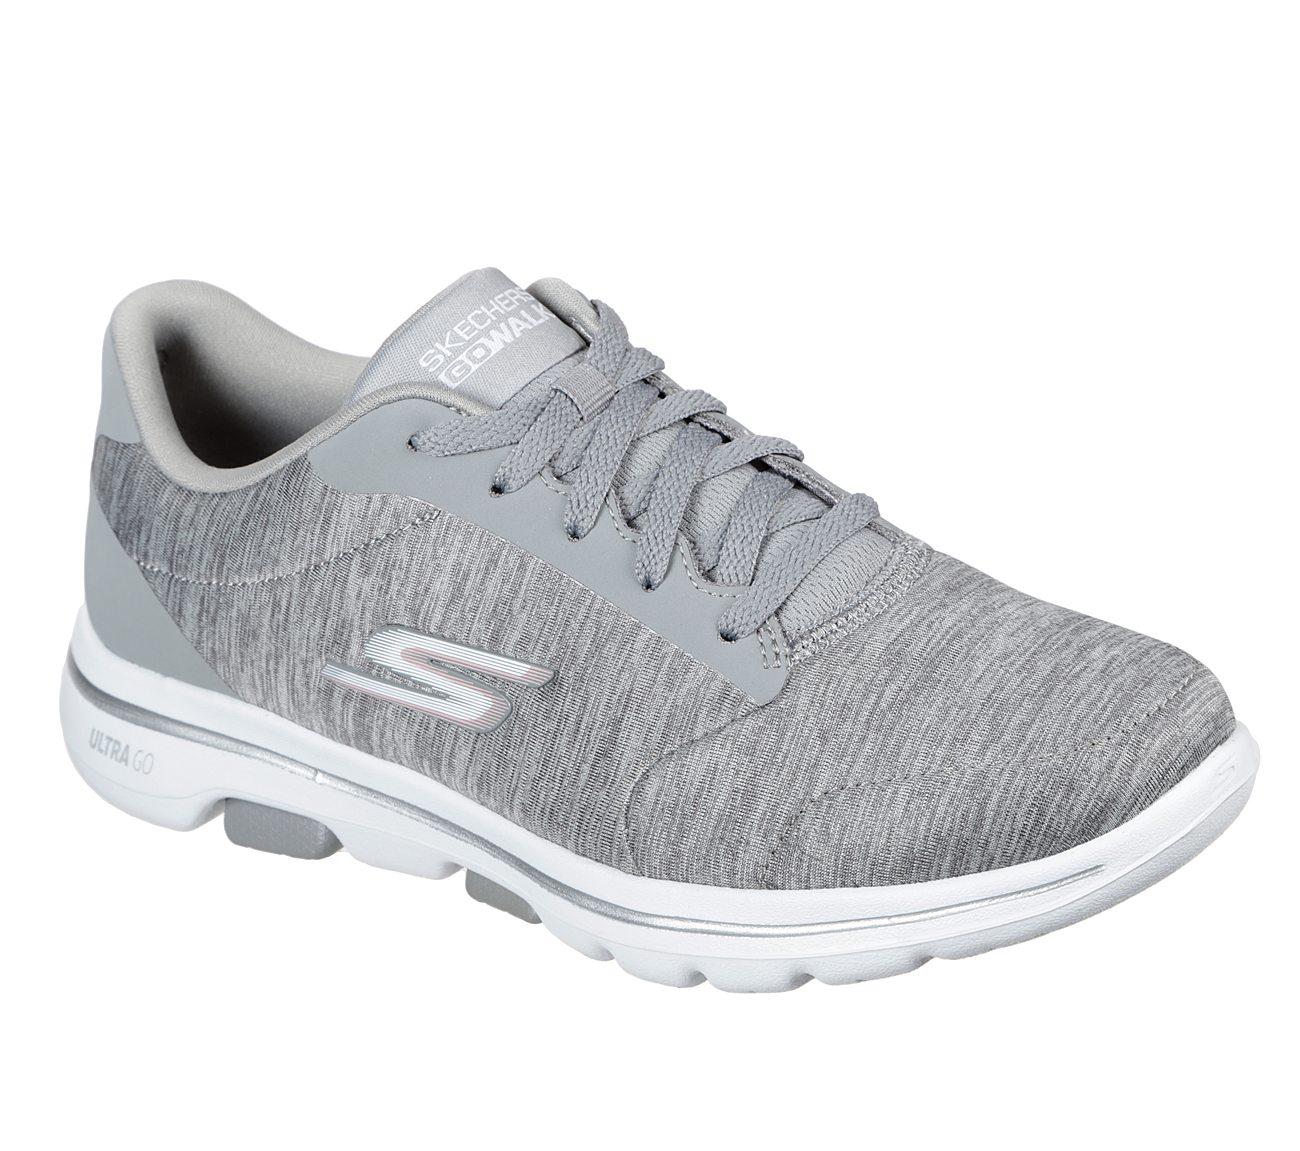 Skechers GOwalk 5 - True